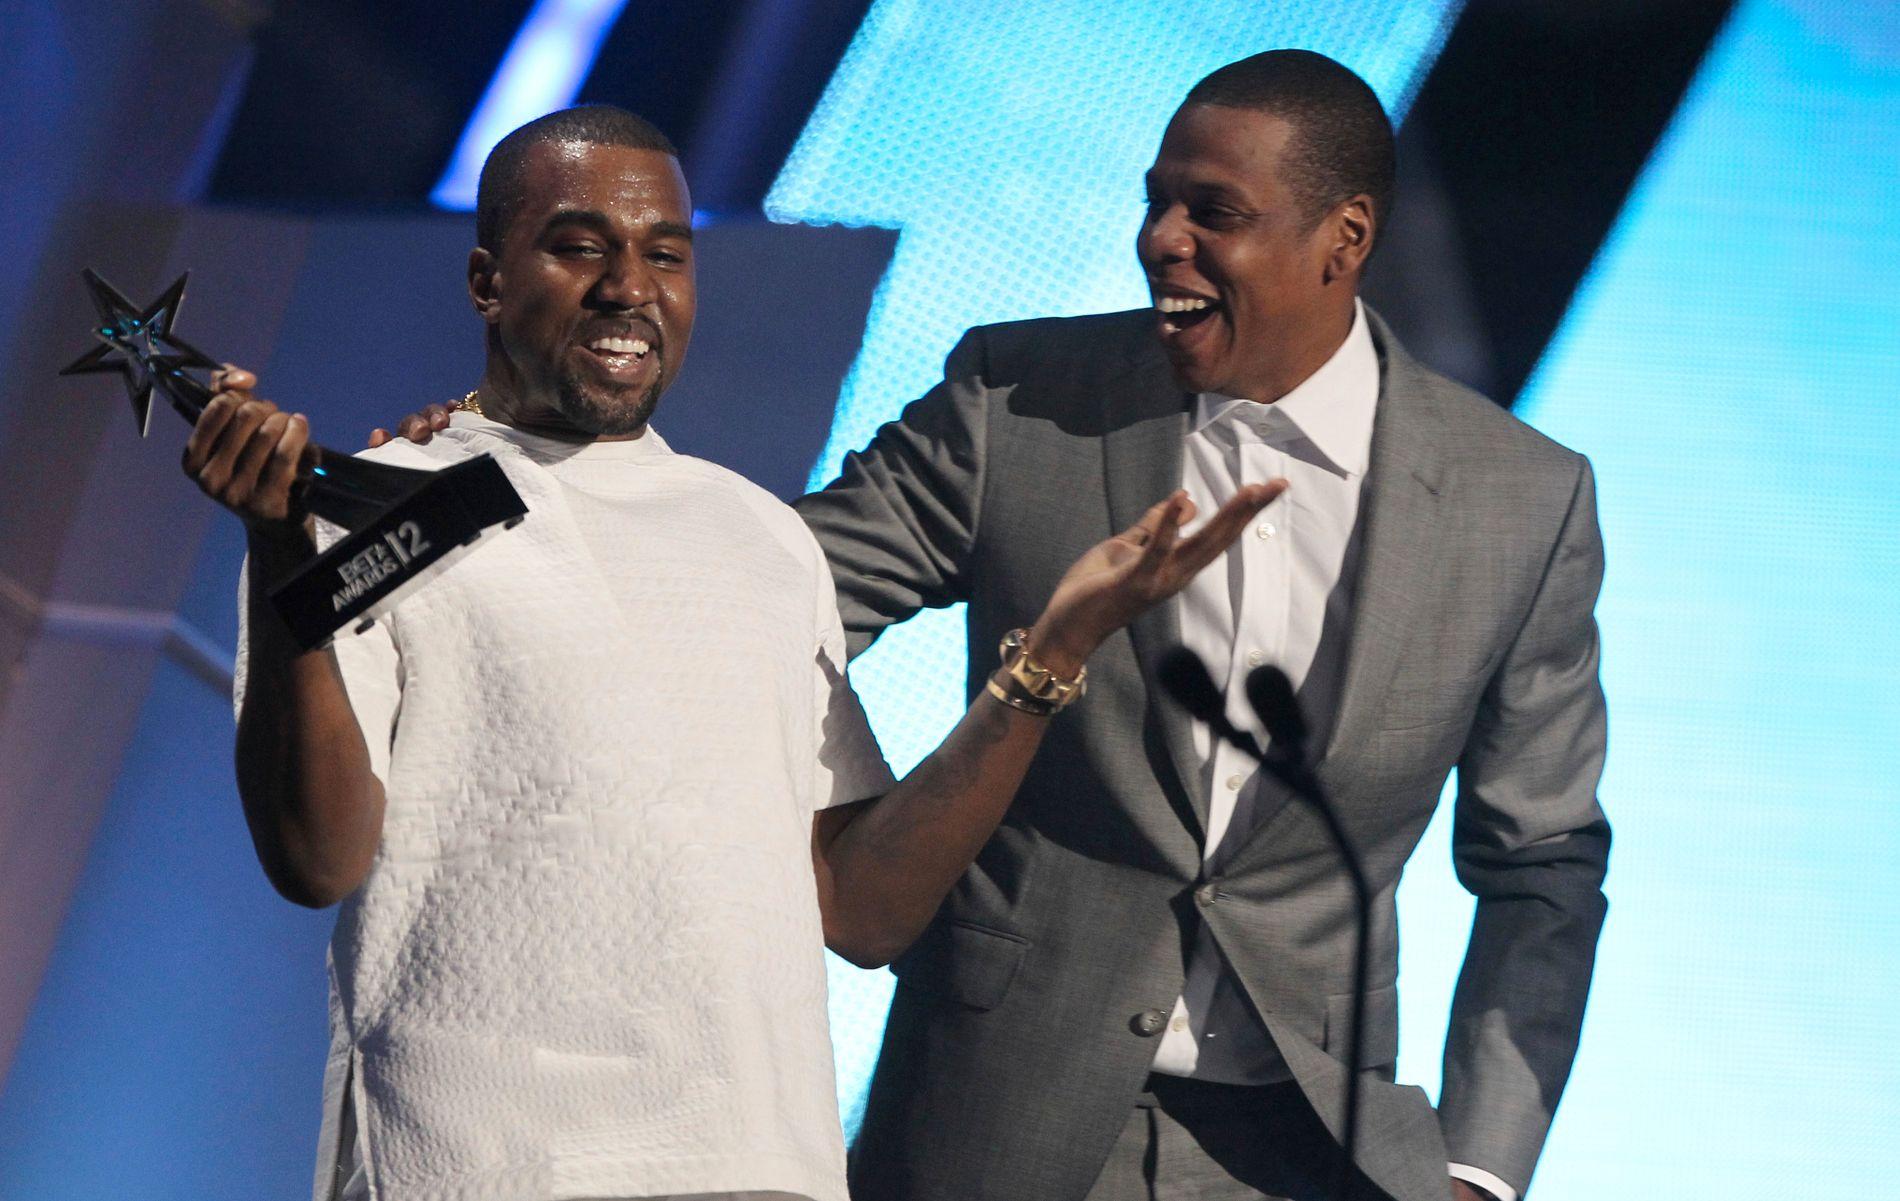 JOVIALT: Bestekompisene Kanye West (til venstre) og Jay-Z har ifølge TMZ havnet i en bitter pengestrid. Her er de avbildet under mer joviale omstendigheter under BET Awards i 2012.